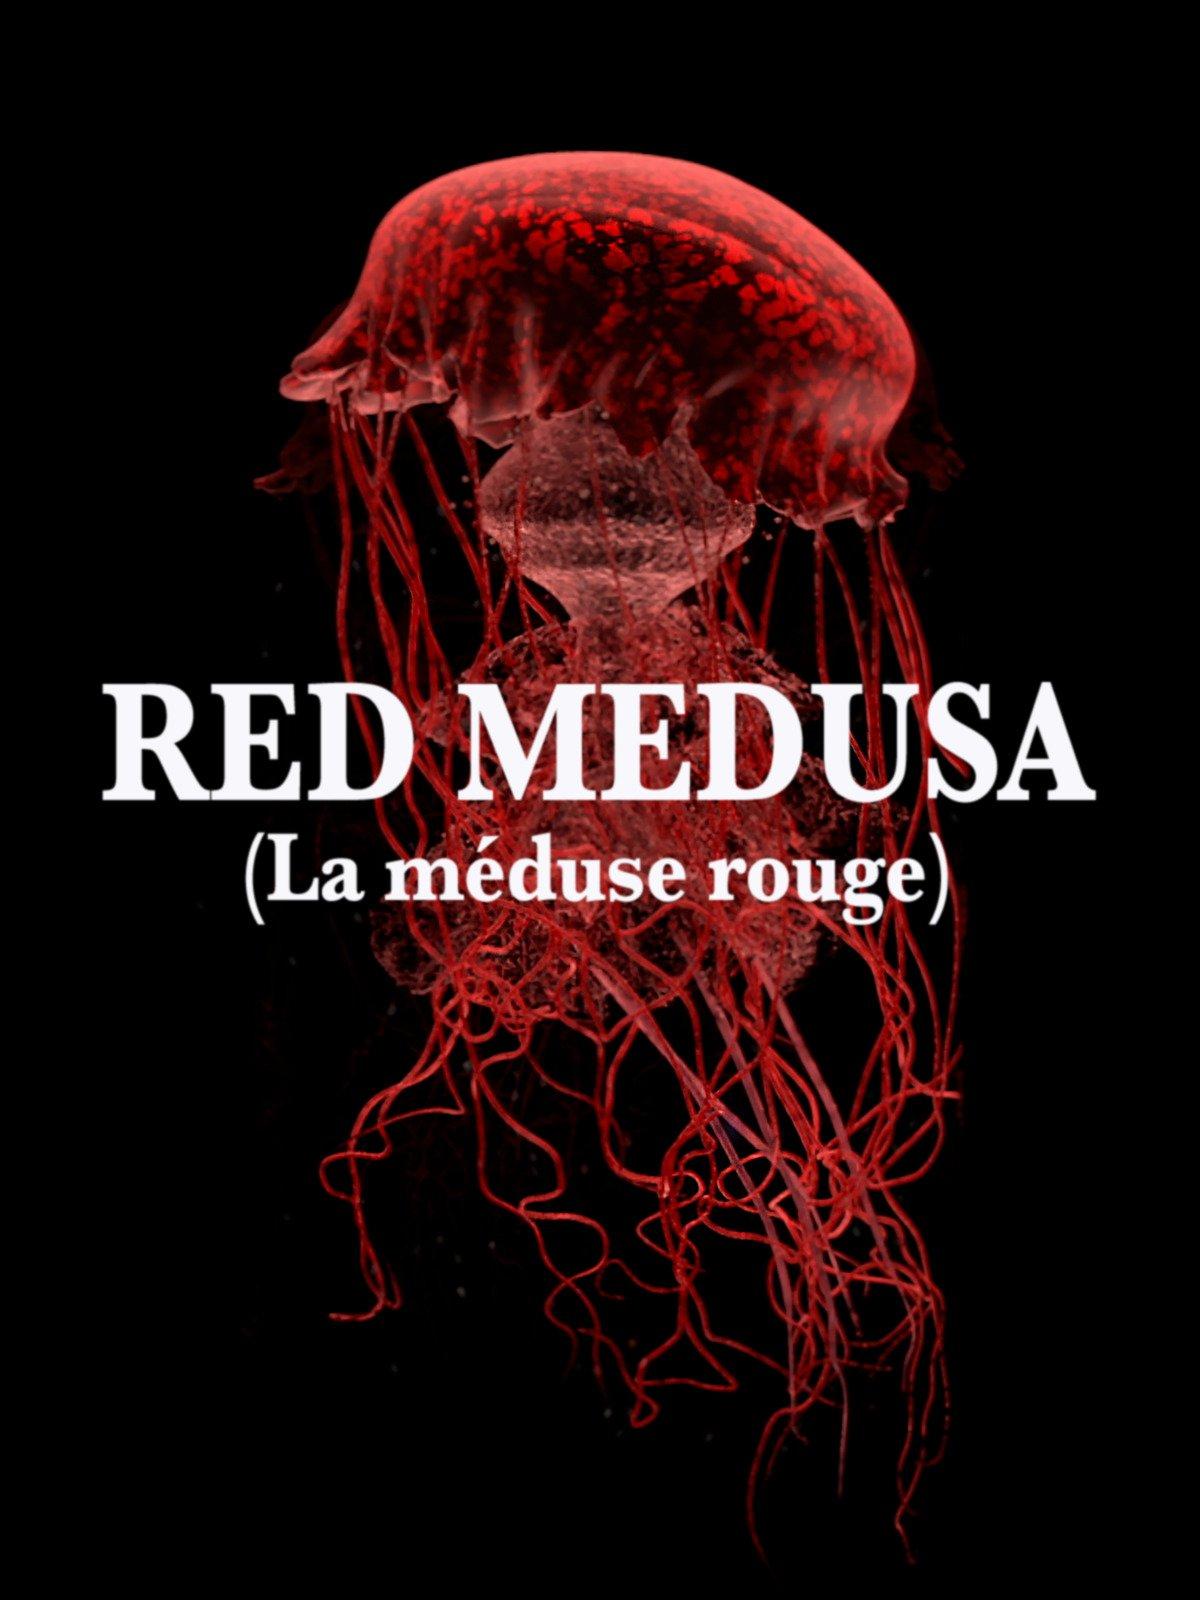 Red Medusa